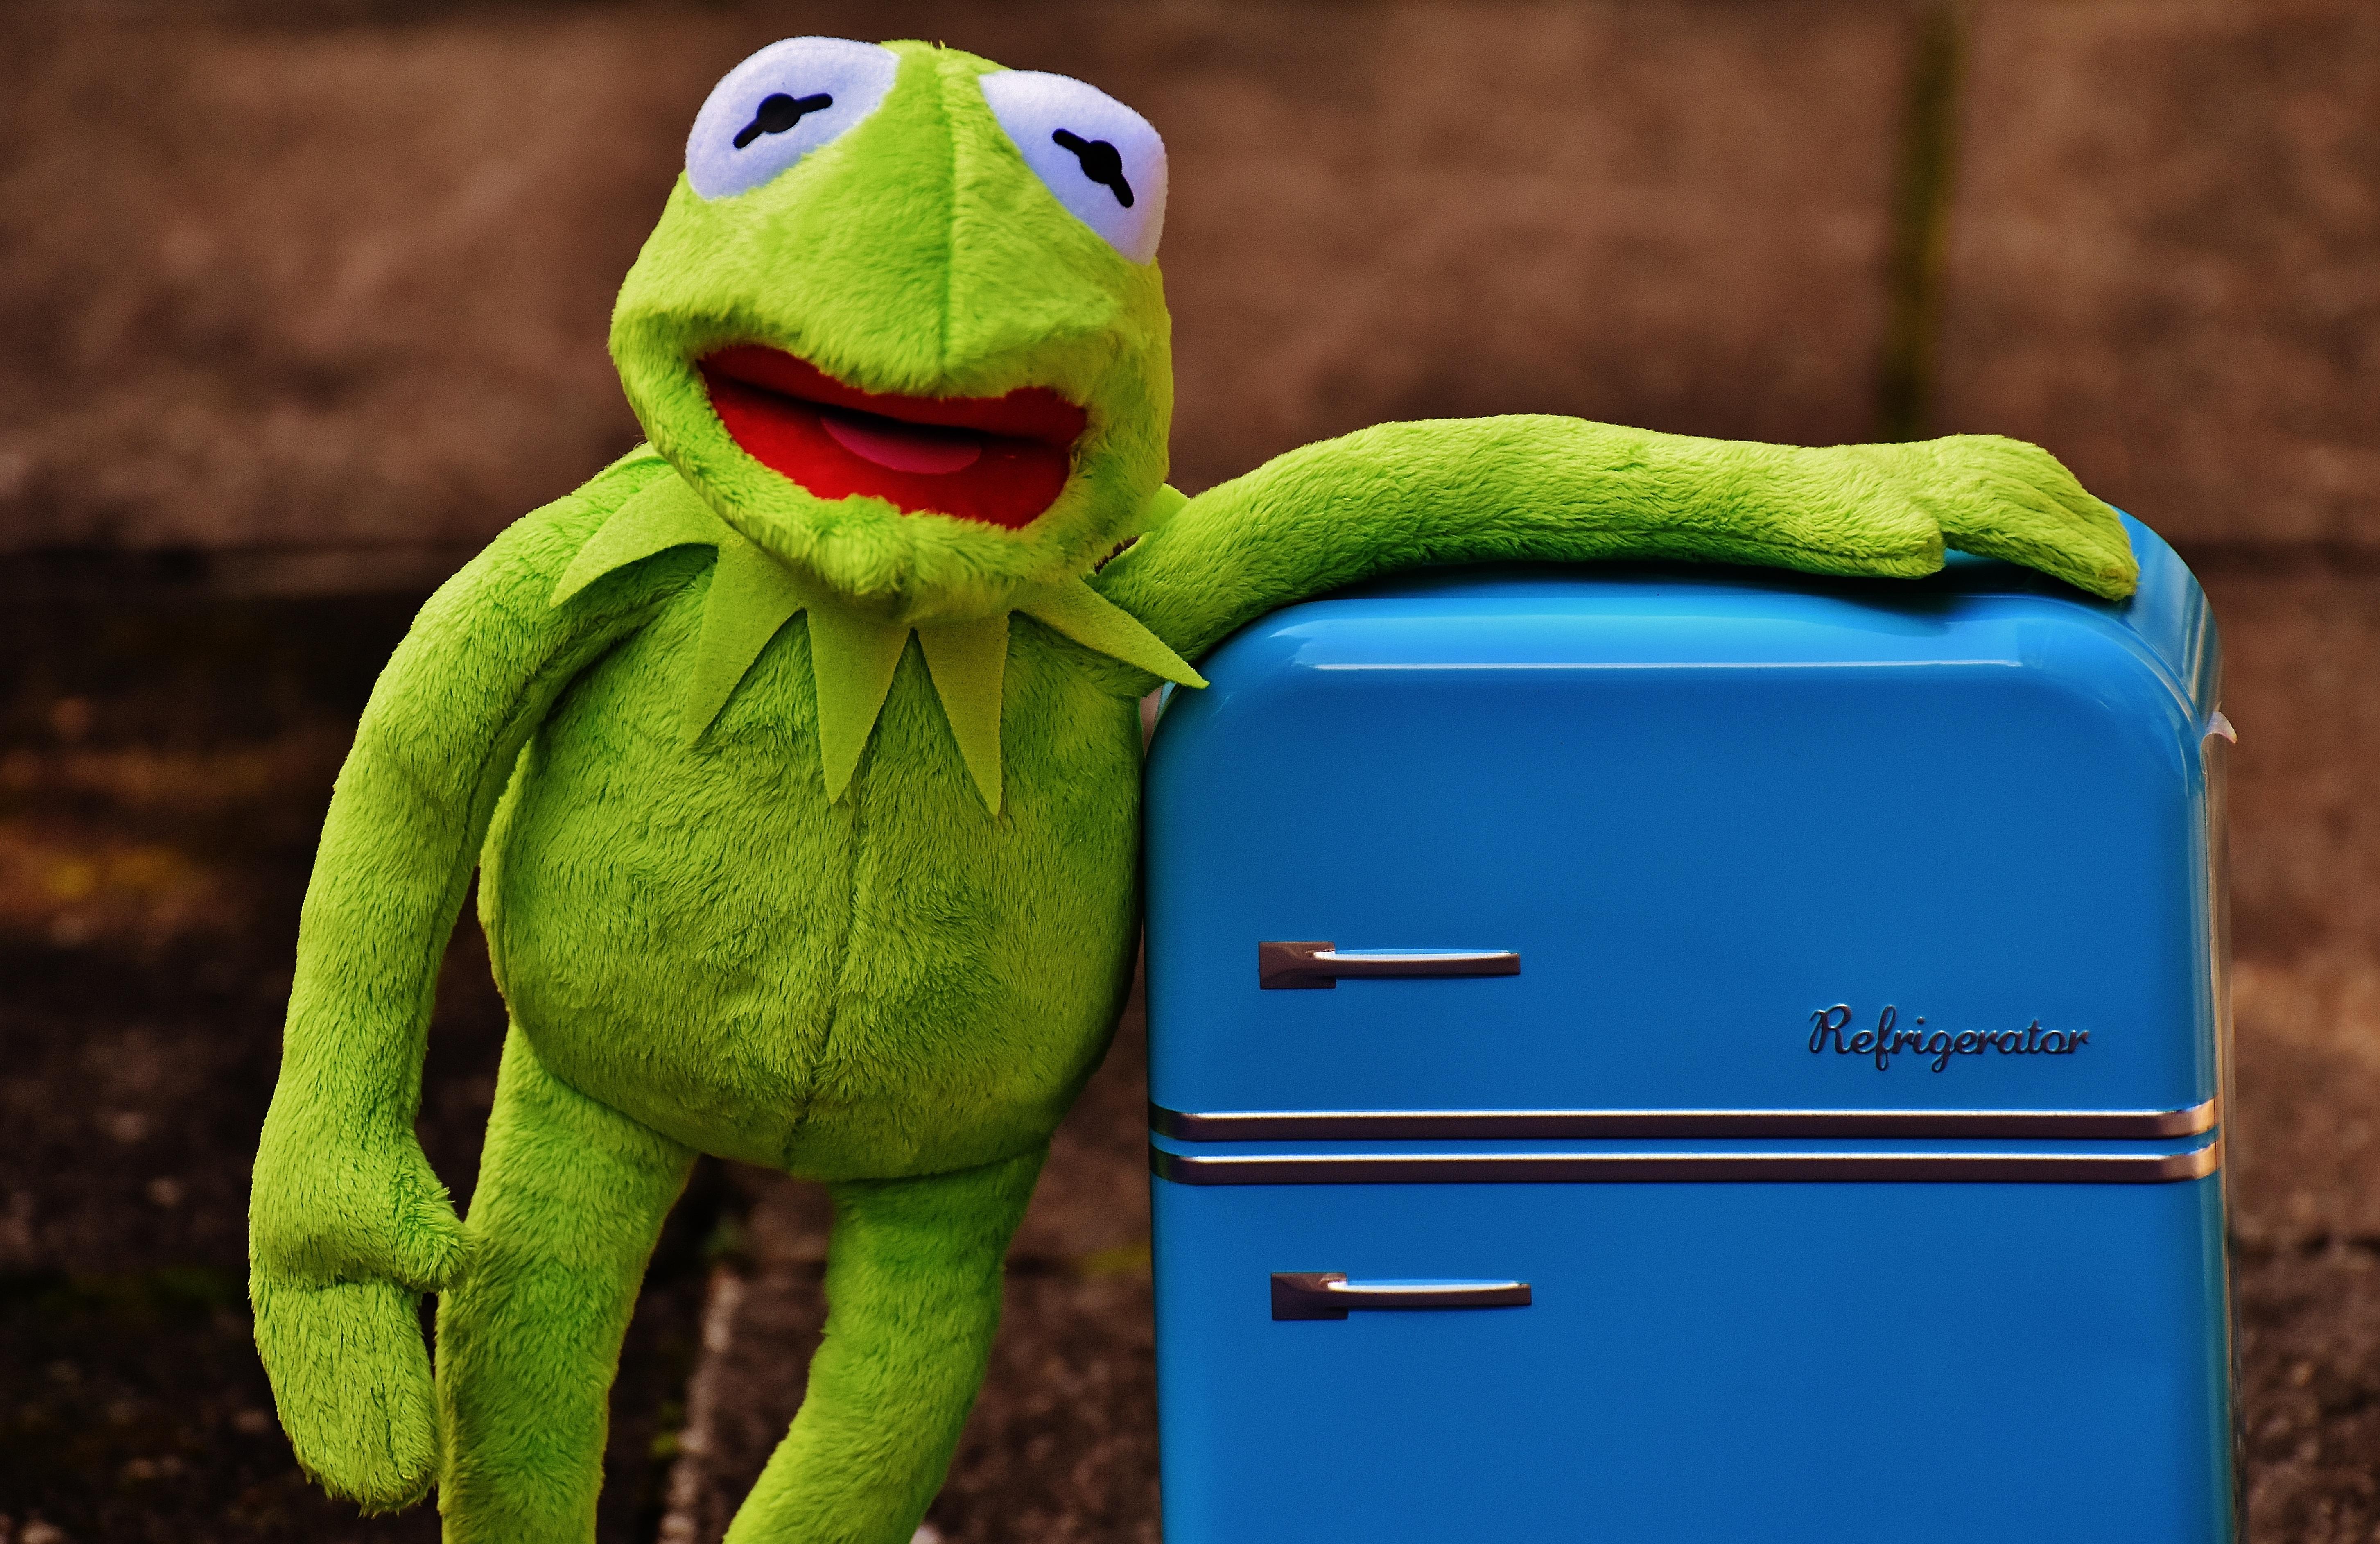 kostenlose foto retro gr n farbe frosch fauna textil spielzeug komisch ausgestopftes. Black Bedroom Furniture Sets. Home Design Ideas